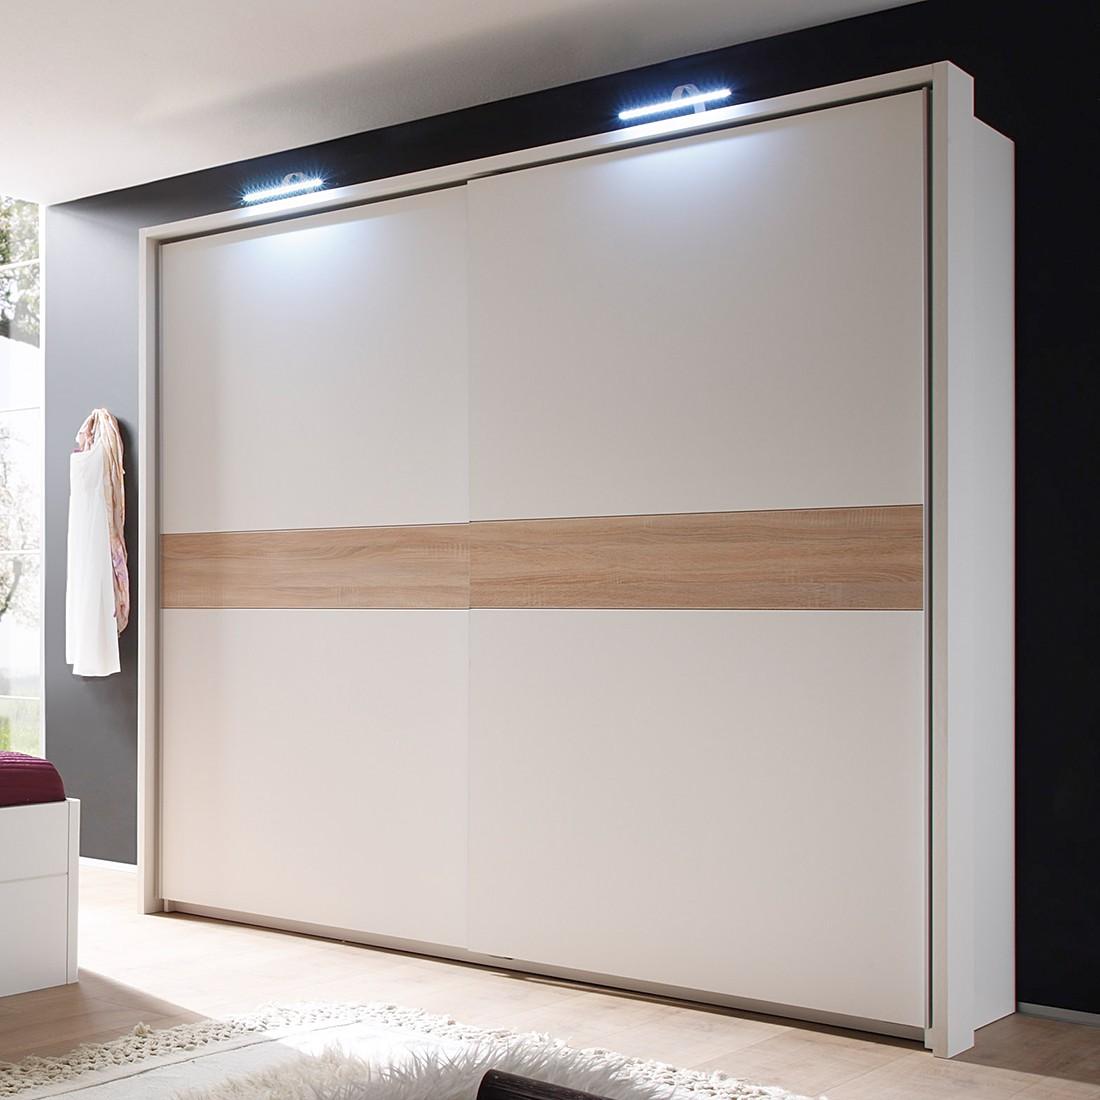 meubles en ligne. Black Bedroom Furniture Sets. Home Design Ideas